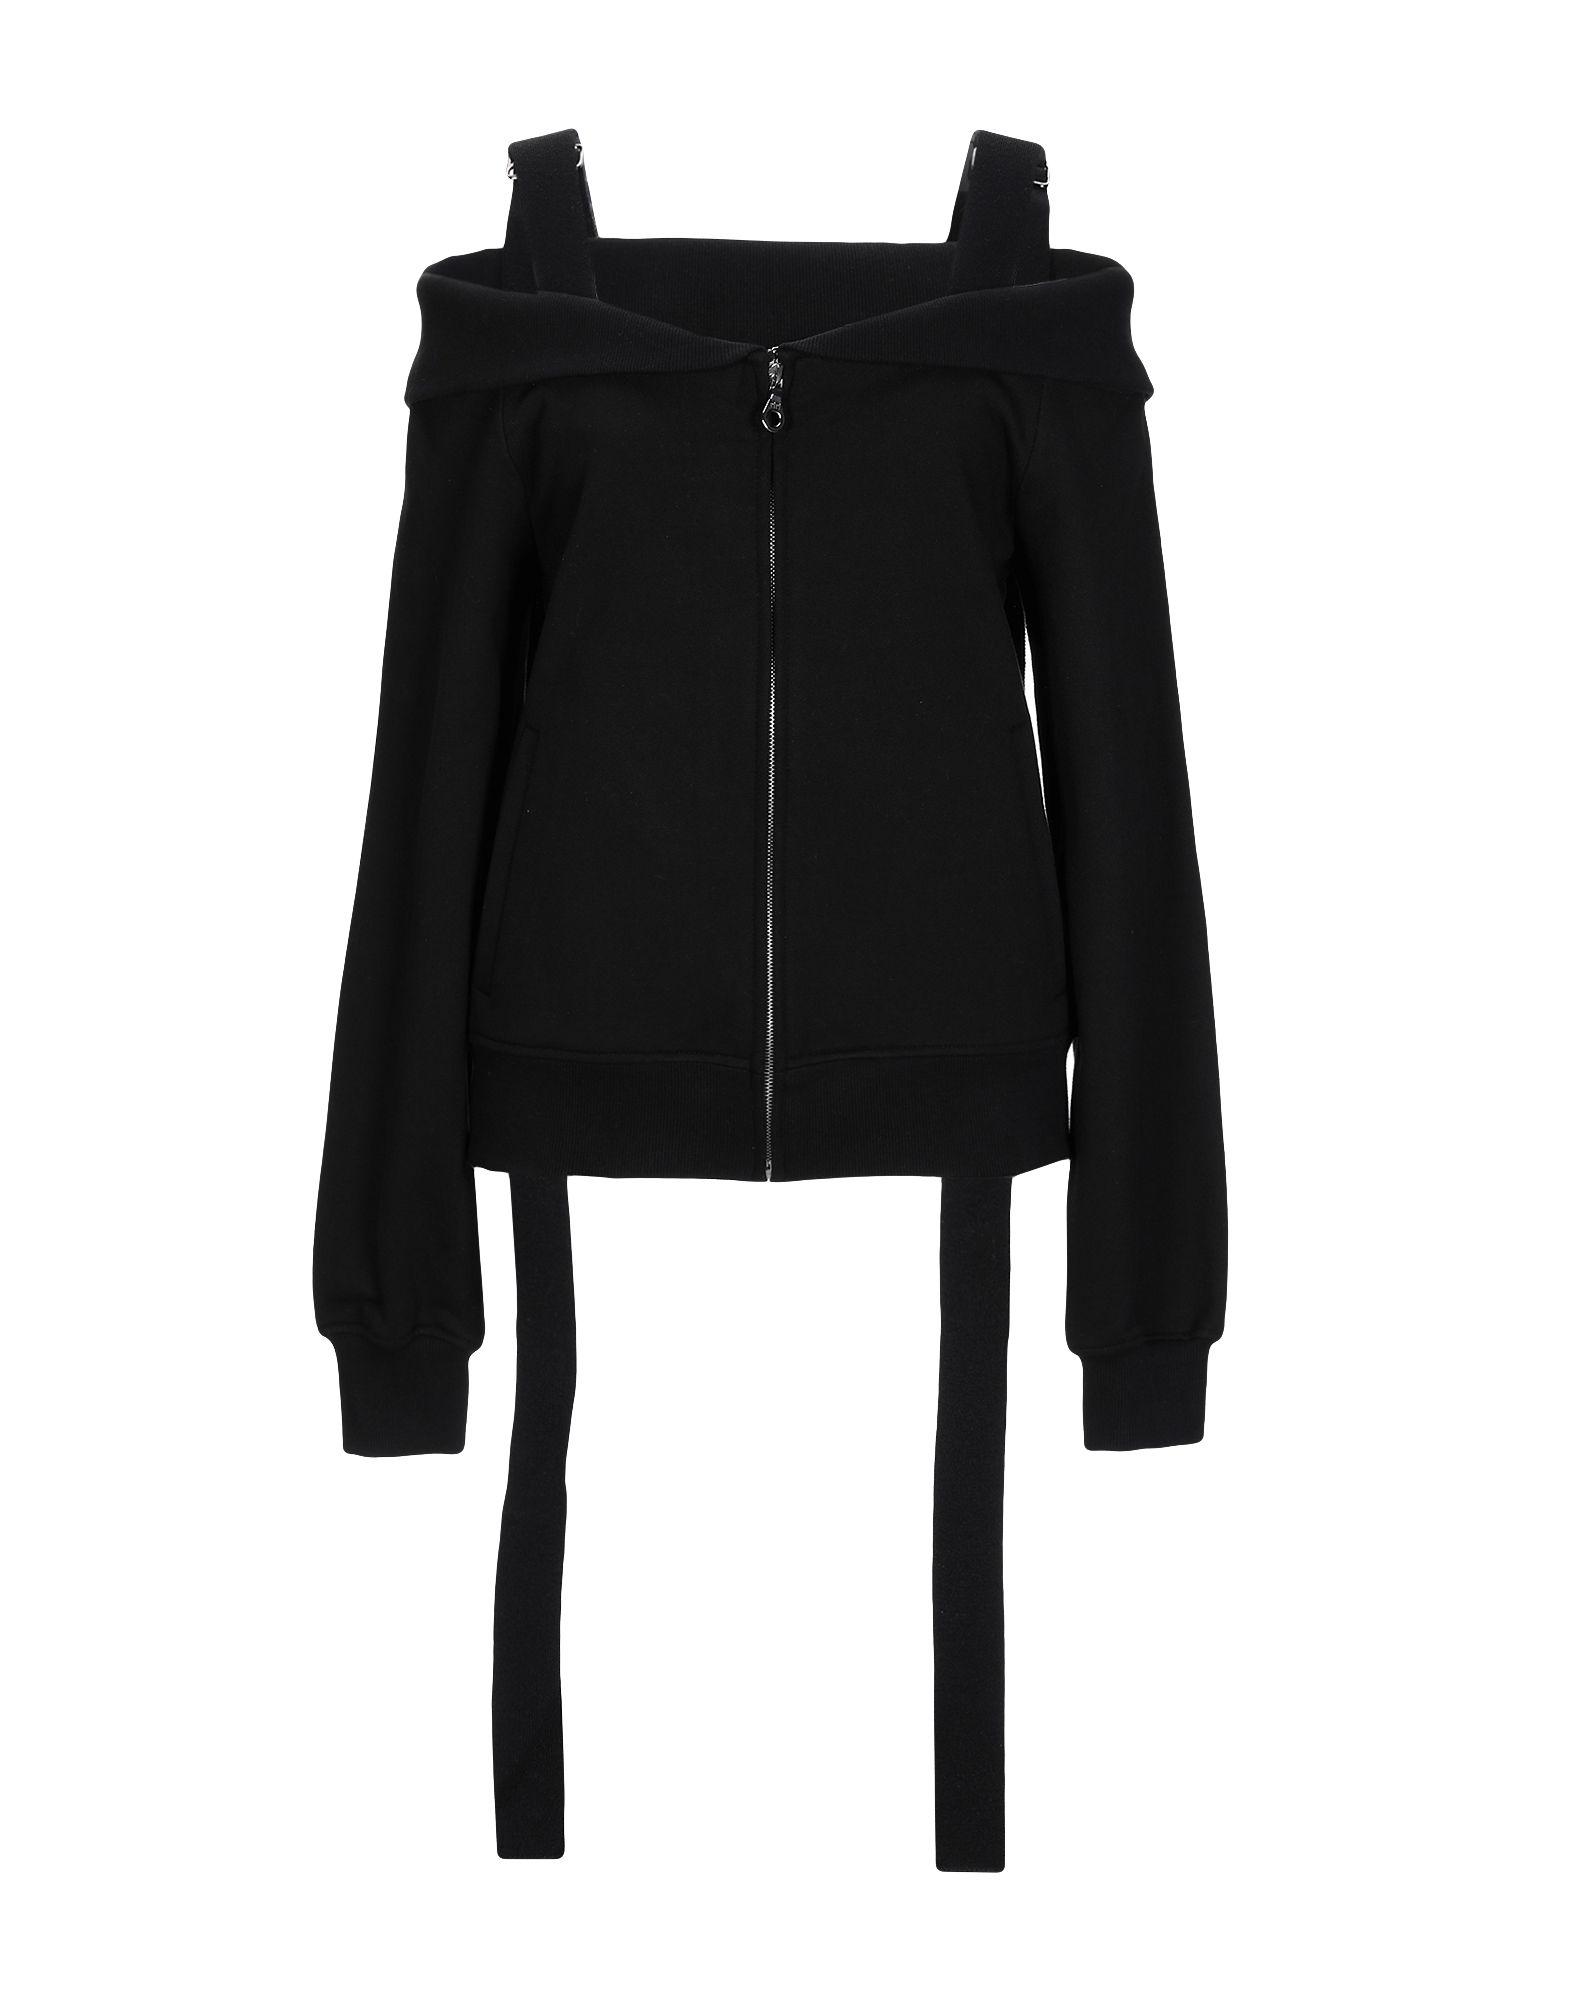 《送料無料》GOEN.J レディース スウェットシャツ ブラック S コットン 100%